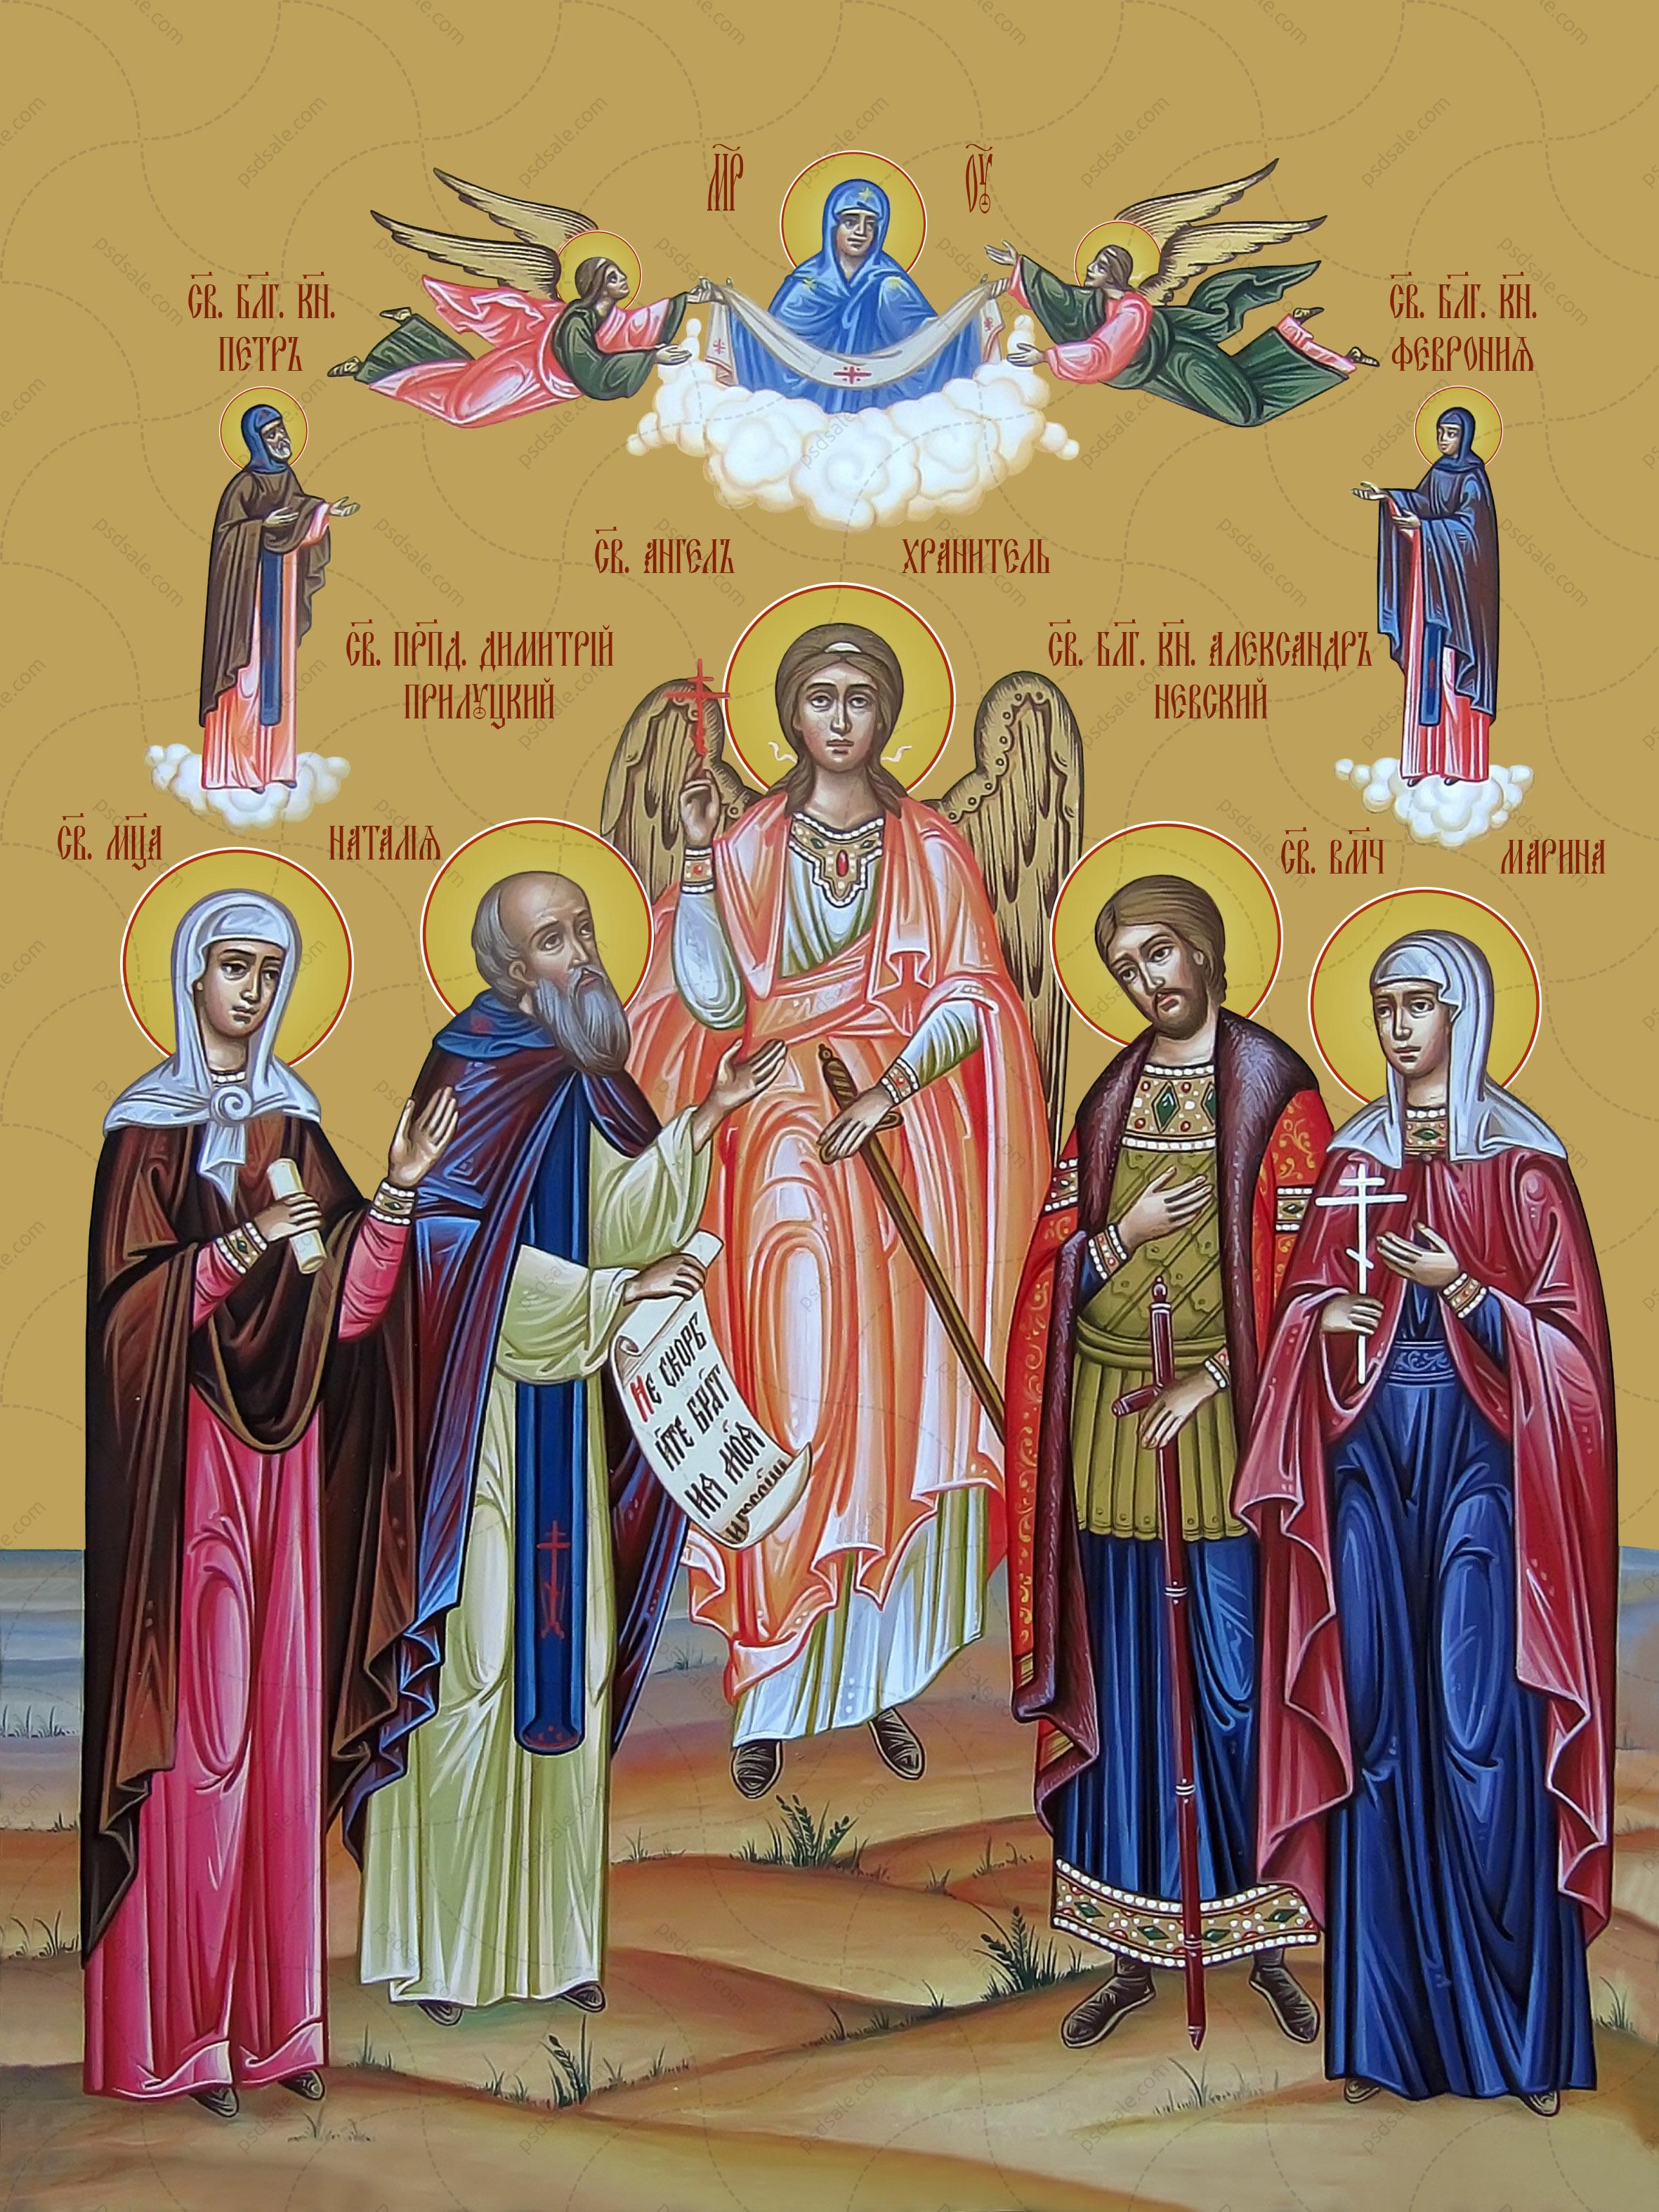 Наталия, Дмитрий, Александр, Марина